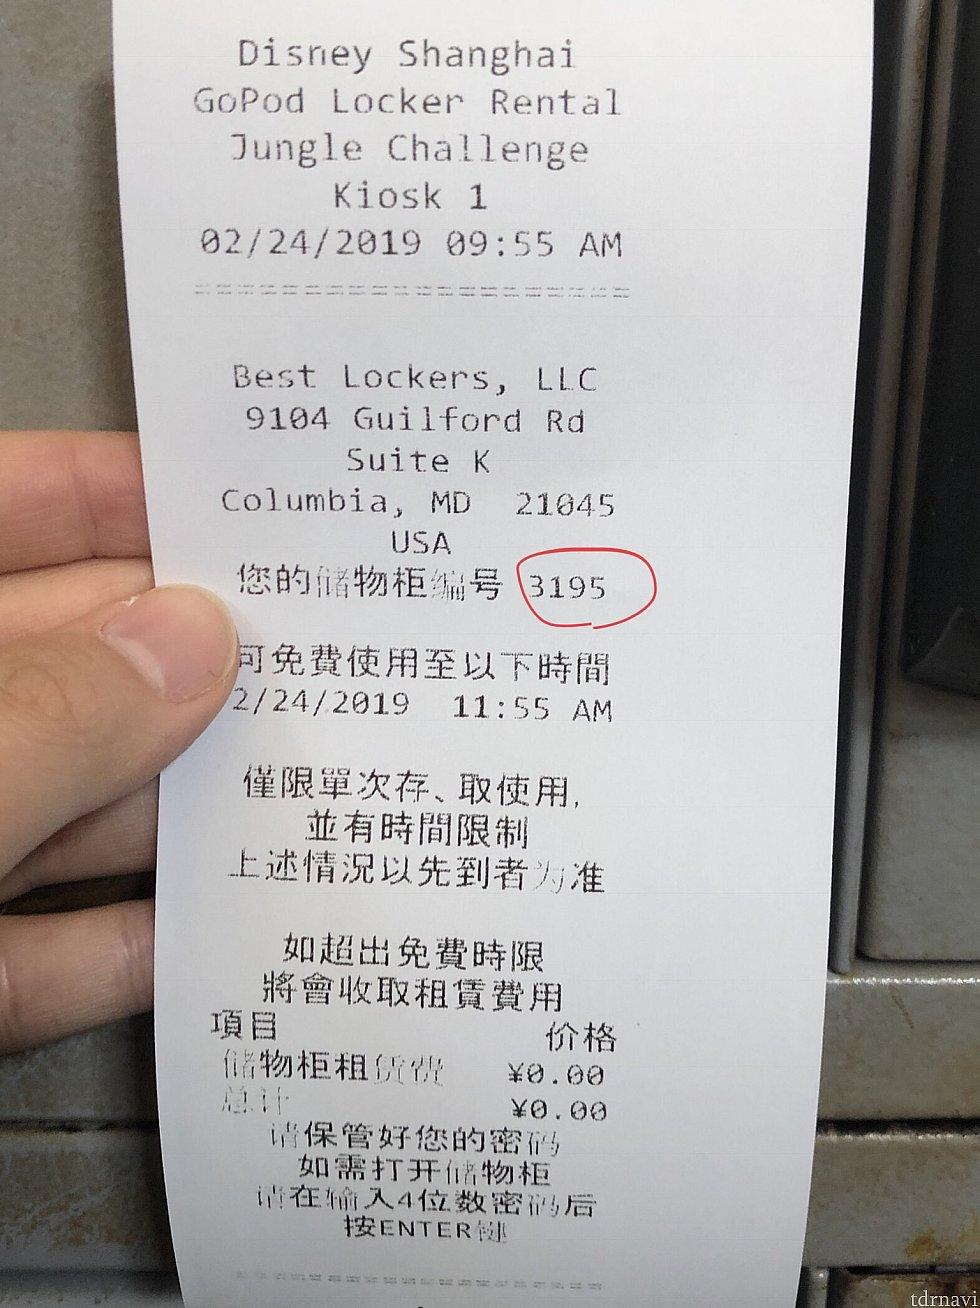 ロッカー番号が指定された紙が出てきます